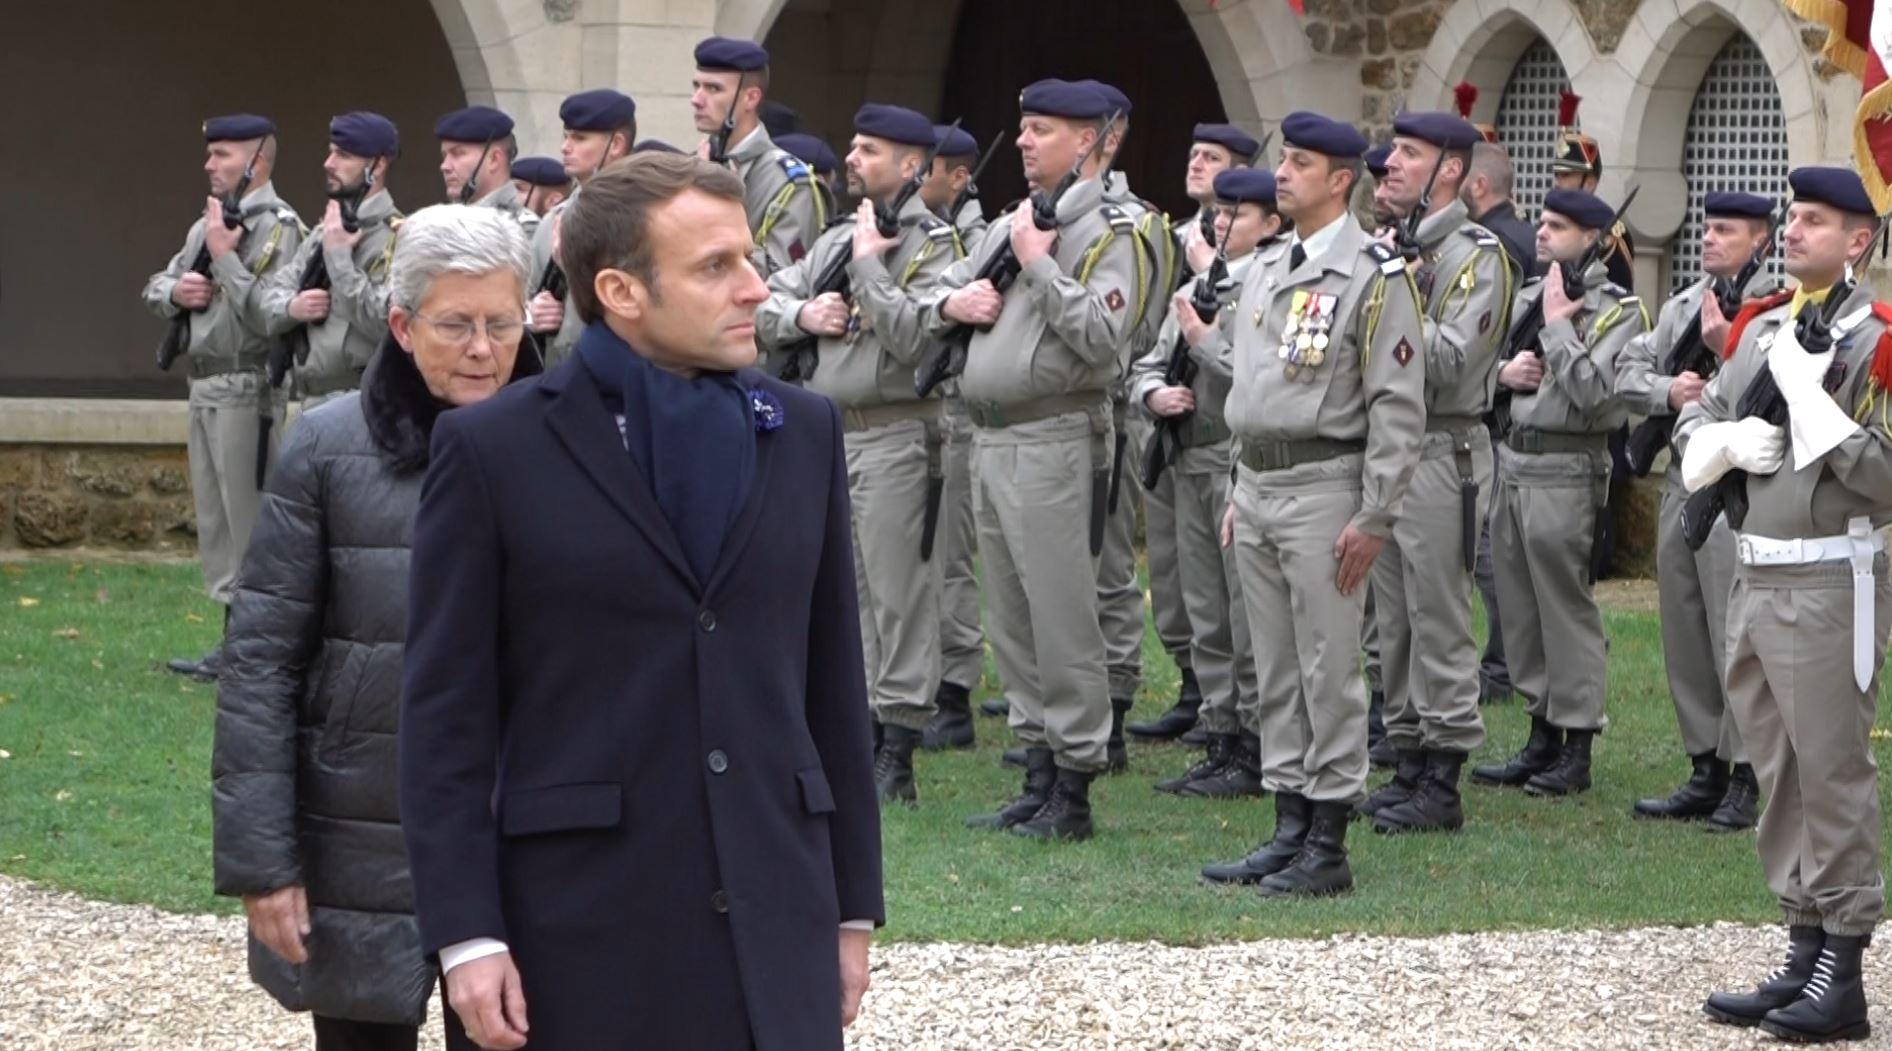 Le Président de la République était accompagné de Geneviève Darrieussecq, secrétaire d'État auprès de la Ministre des Armées...